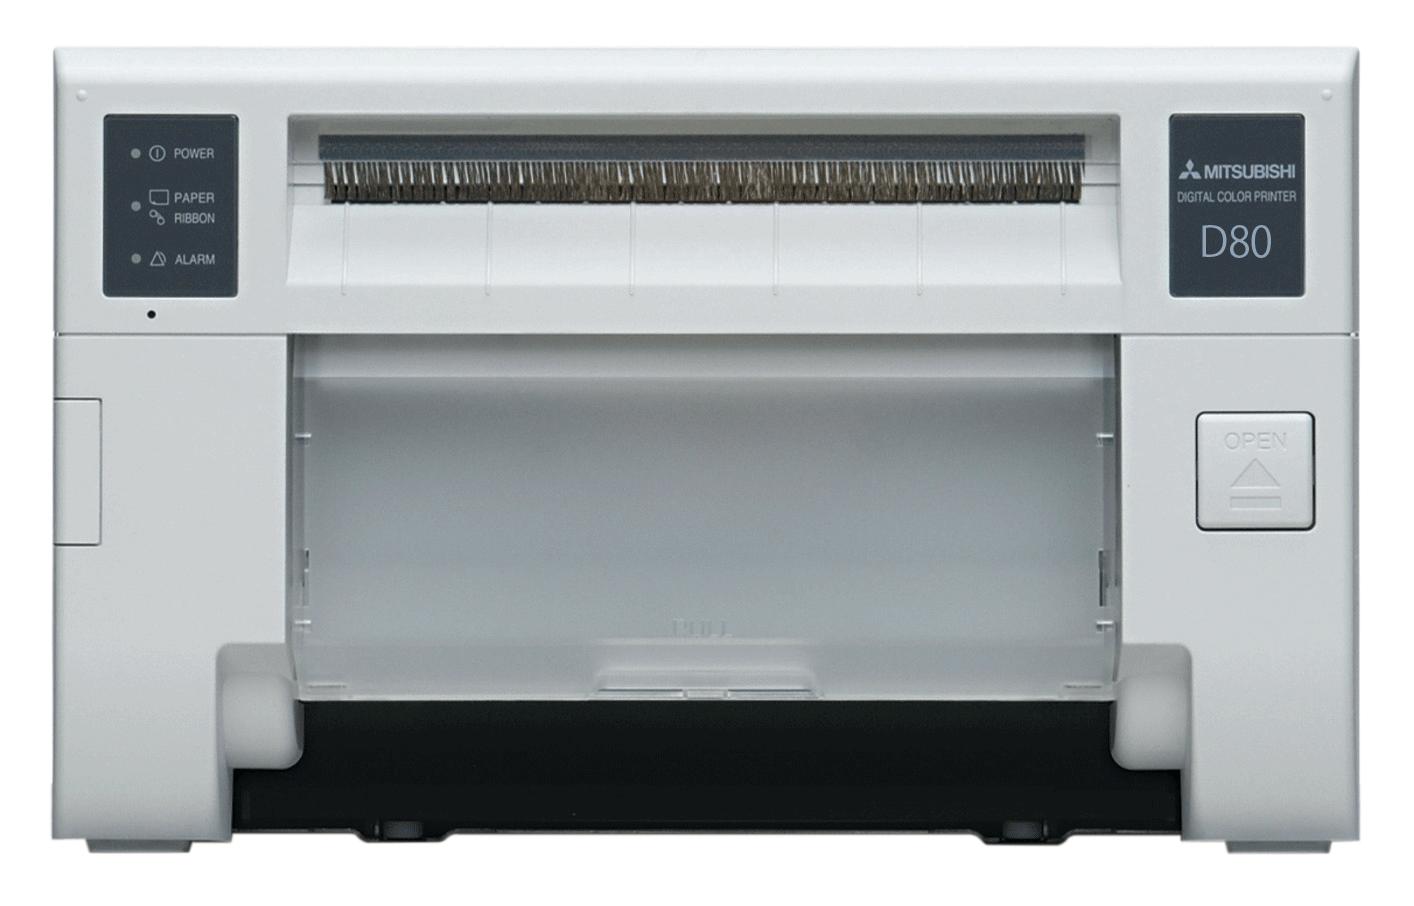 Mitsubishi CP-D80DW Photo Printer